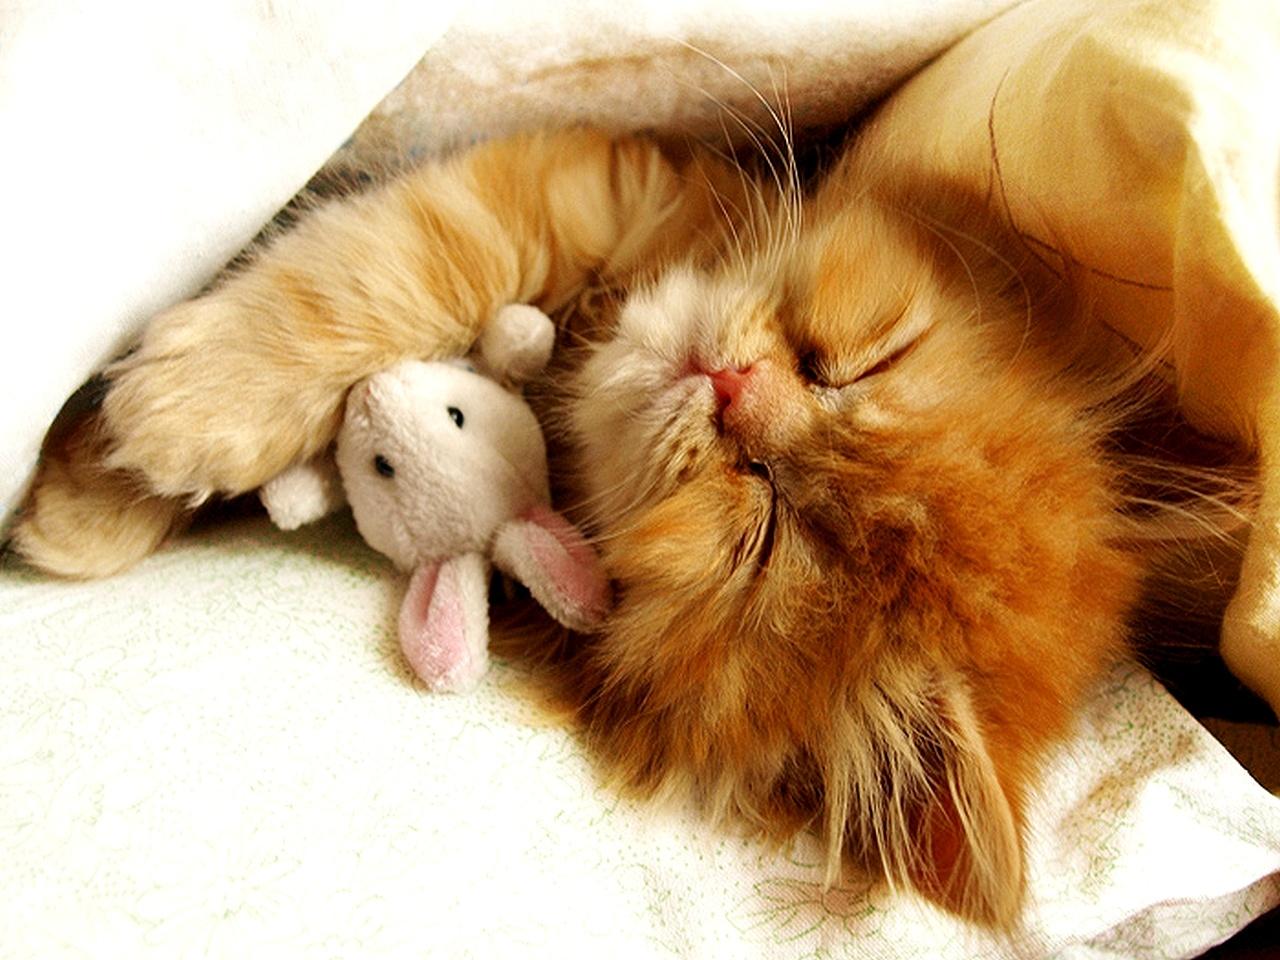 Cute Baby Kittens Sleeping